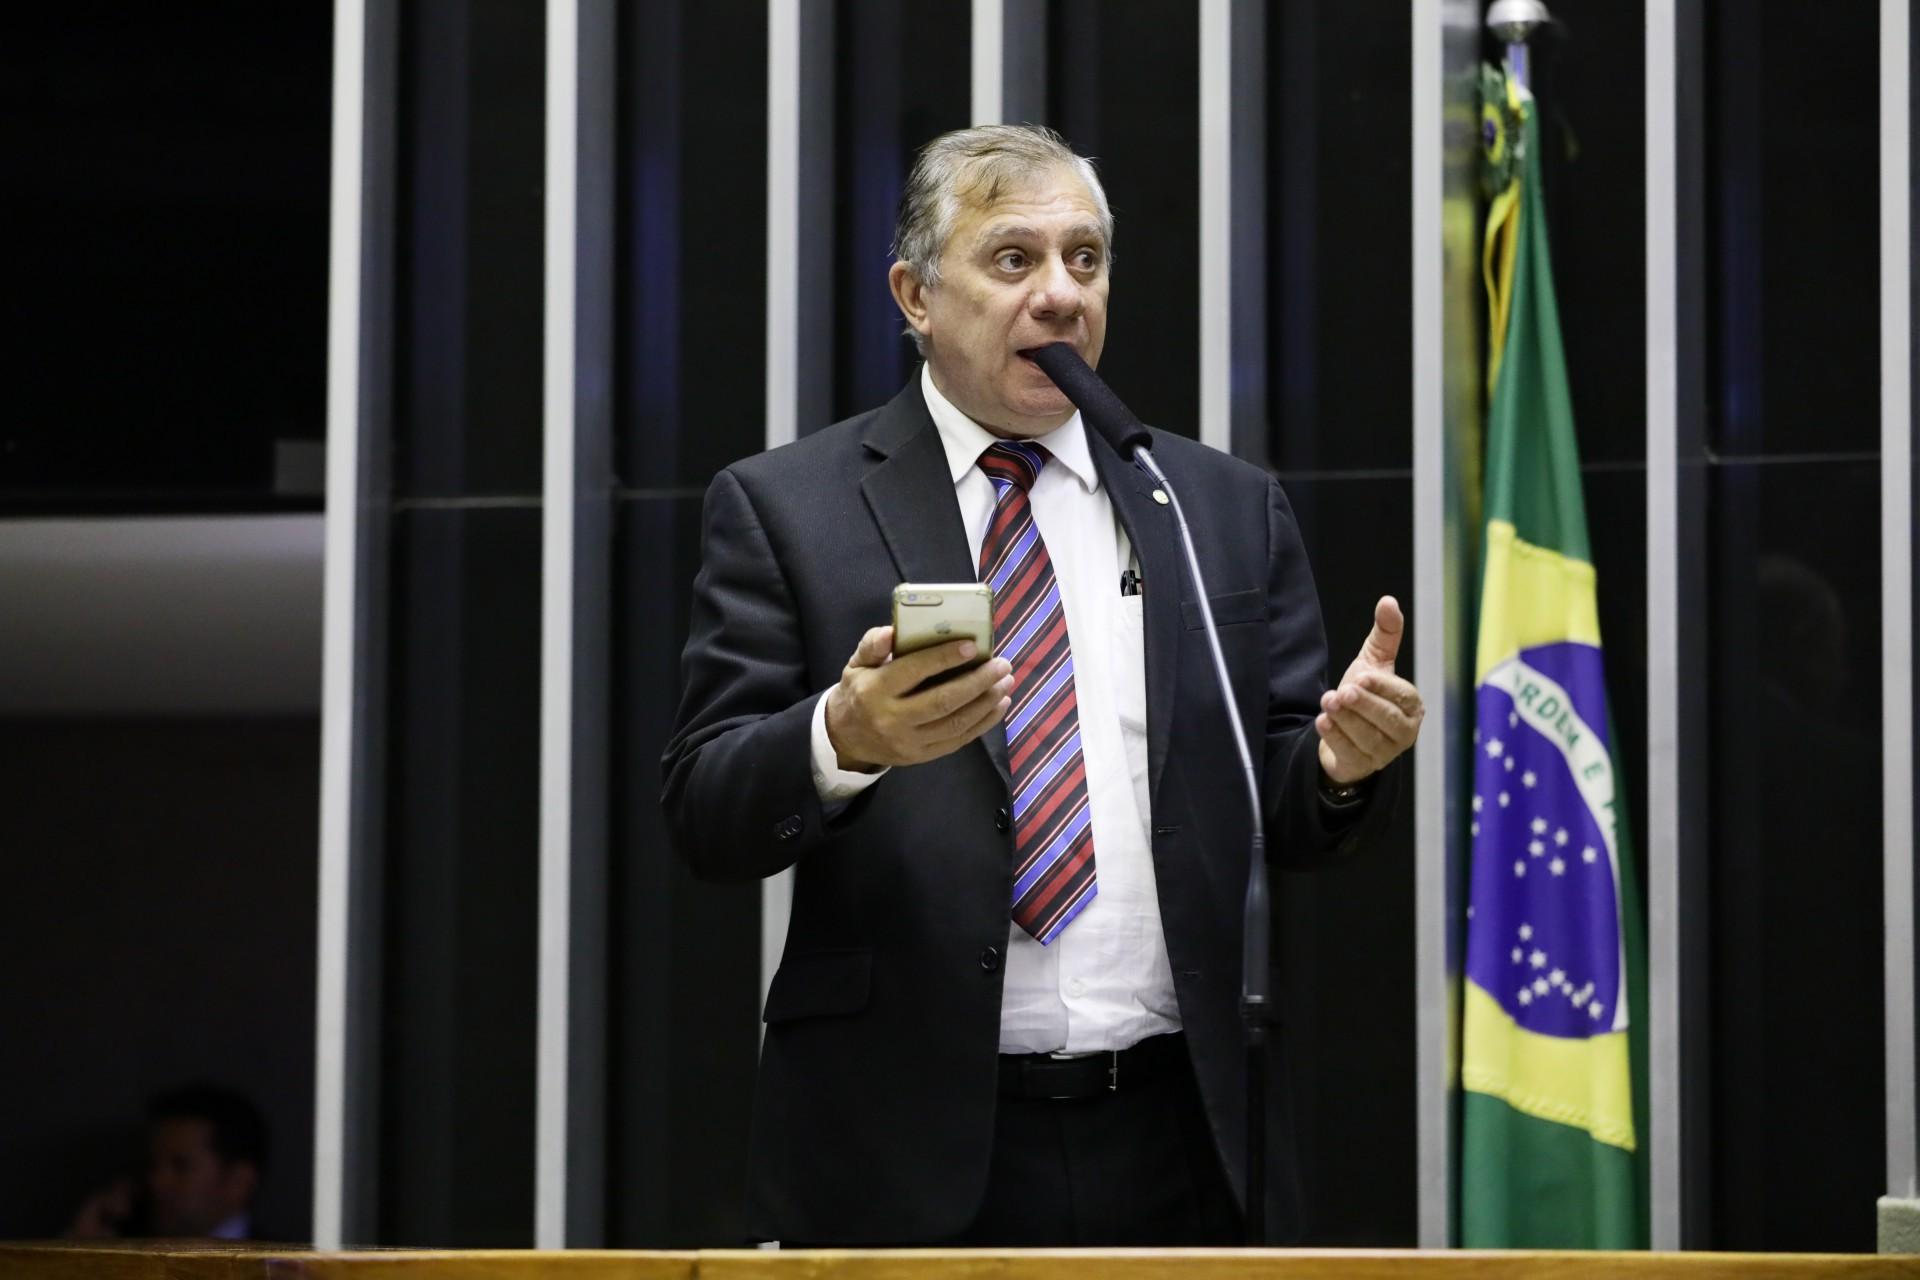 DEPUTADO Federal José Aírton quer uma aproximação do PT com o governo Sarto (Foto: Luis Macedo/Câmara dos Deputados)